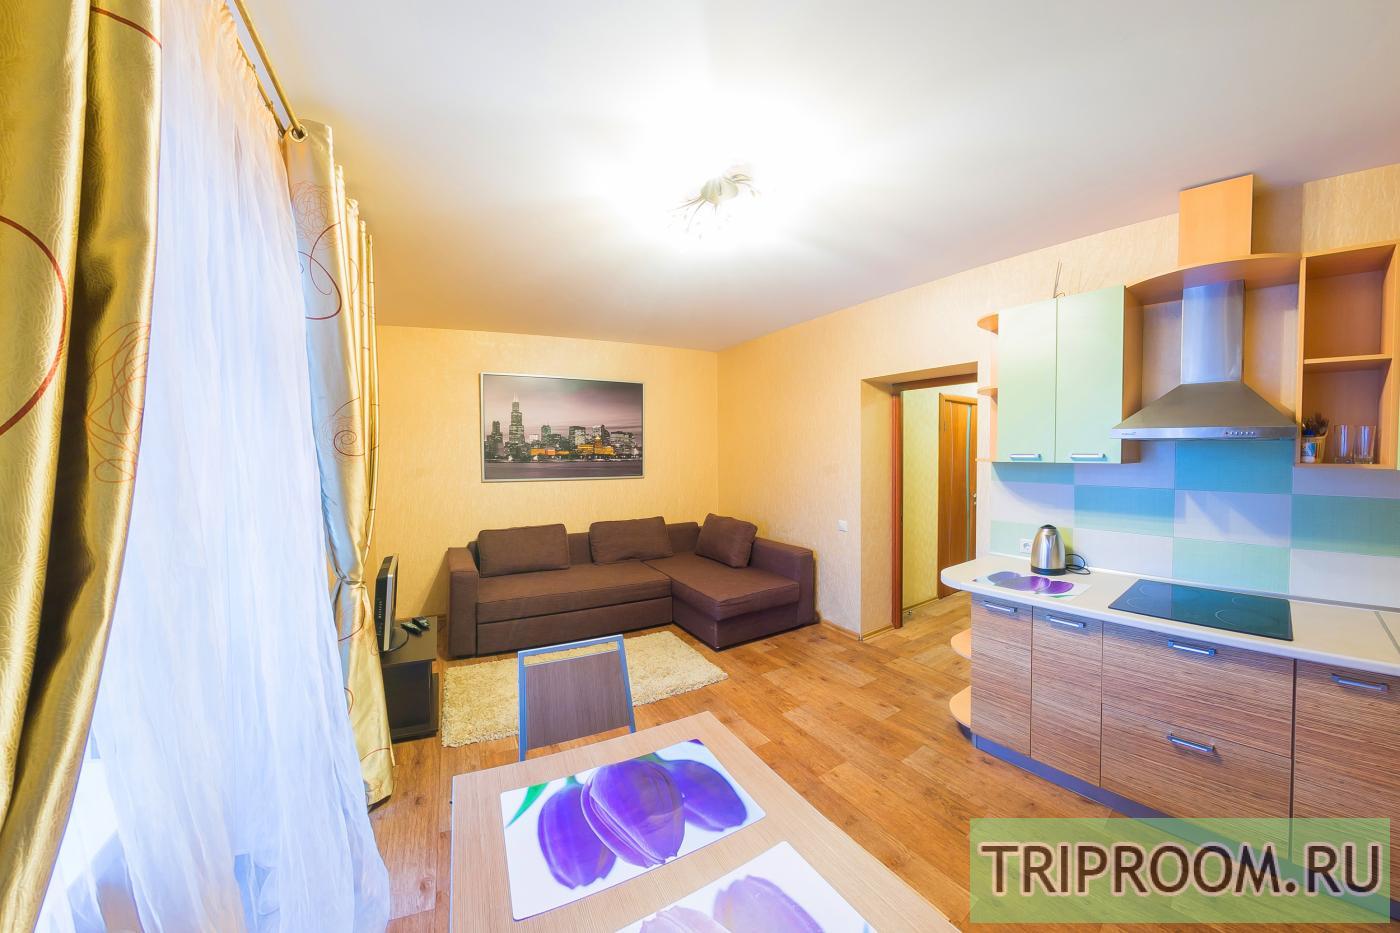 2-комнатная квартира посуточно (вариант № 2738), ул. Геодезическая улица, фото № 5